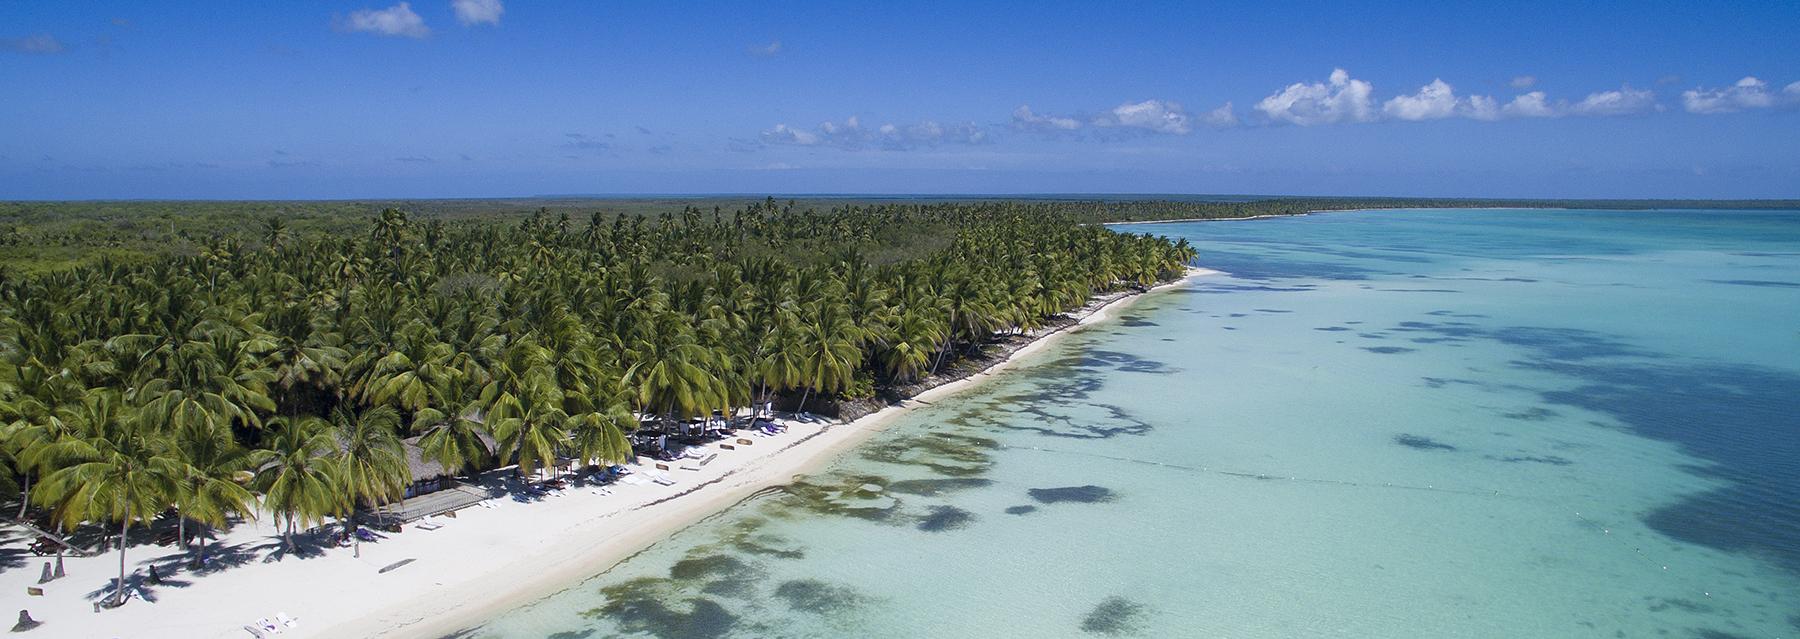 Image aérienne par drone de la plage de Punta Cana